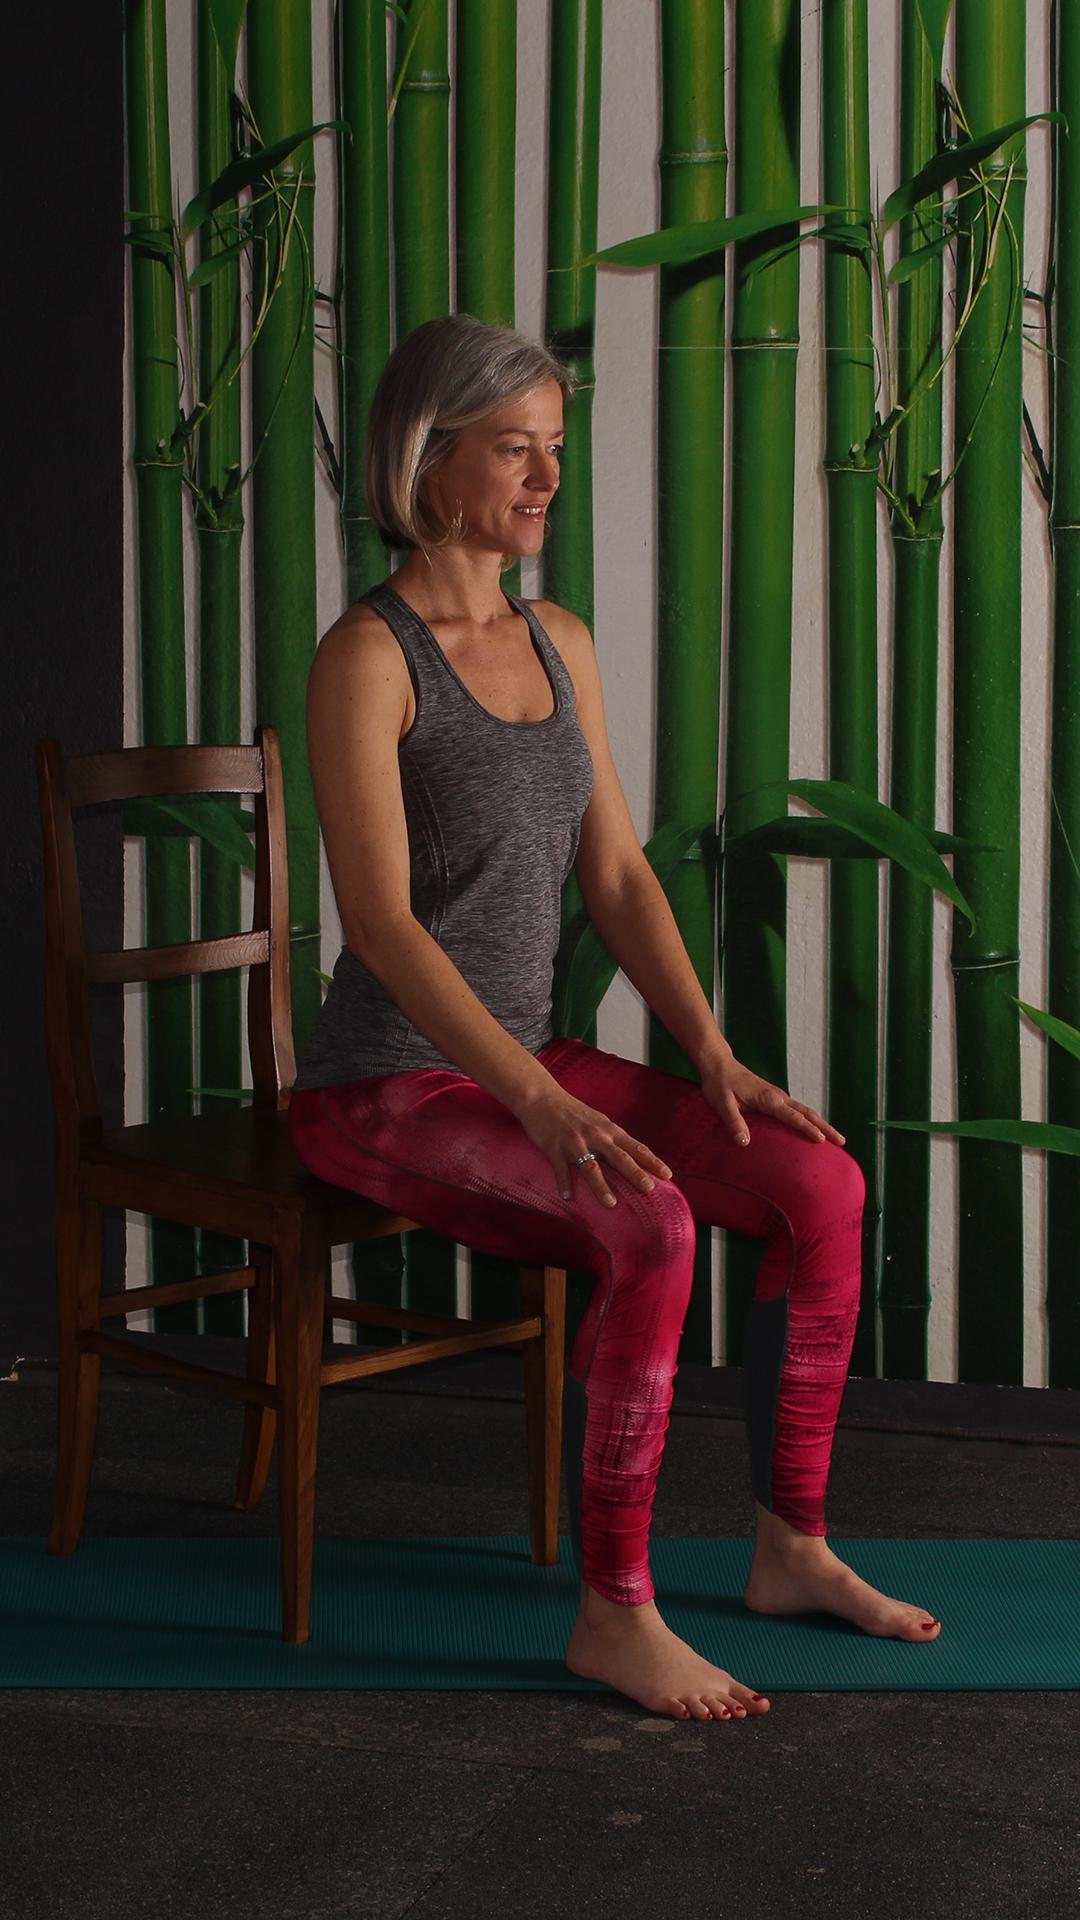 Grundposition Dehnung Gesäßmuskulatur, auf Stuhlkante aufrecht sitzend, Beine im rechten Winkel, Füße am Boden. Übung gegen Rückenschmerzen